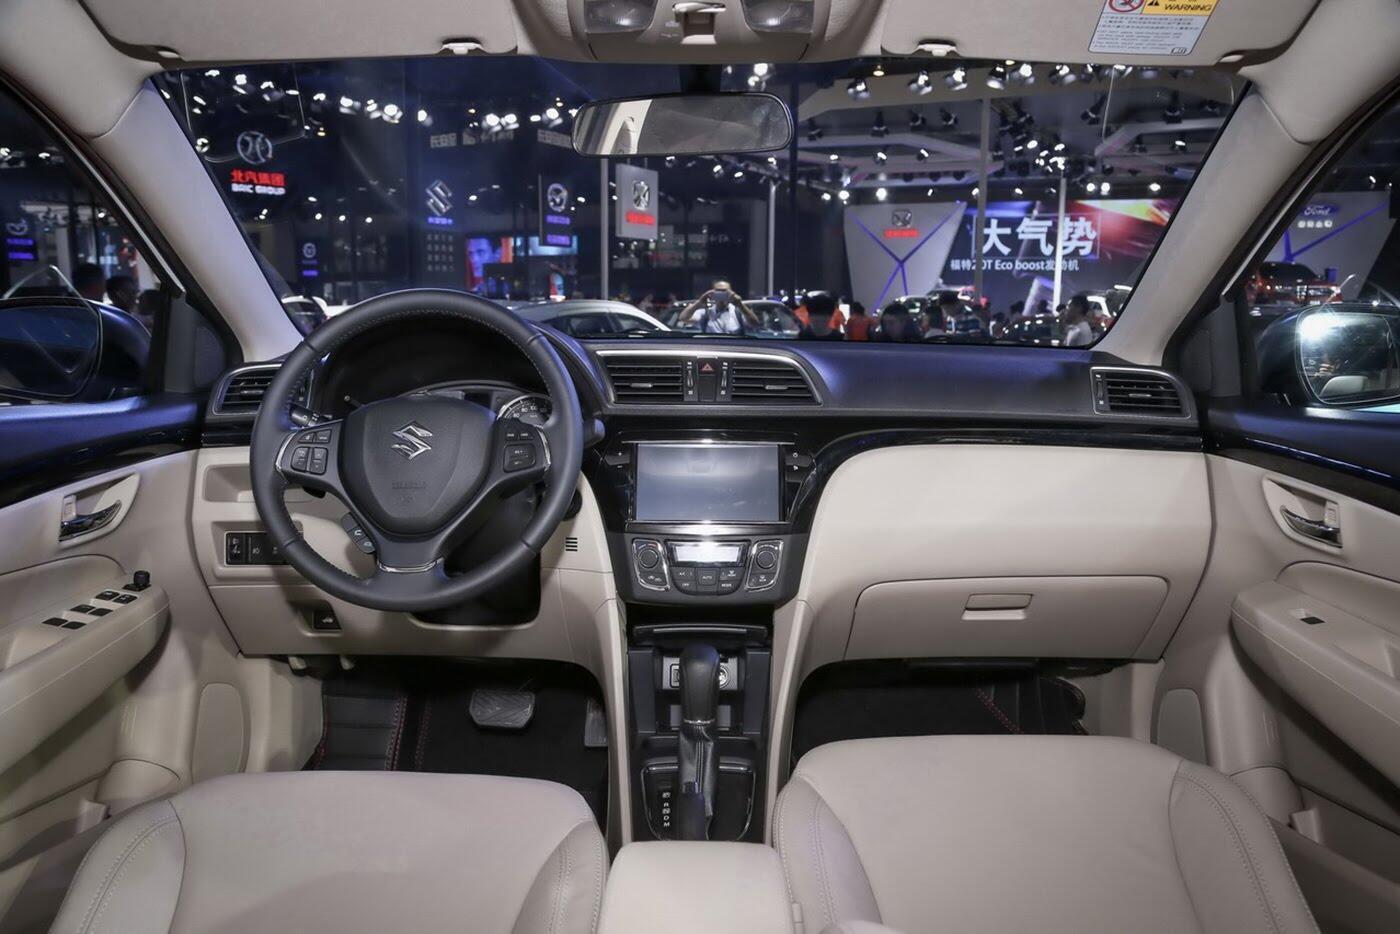 Suzuki Ciaz bản nâng cấp chính thức lộ diện - Hình 8